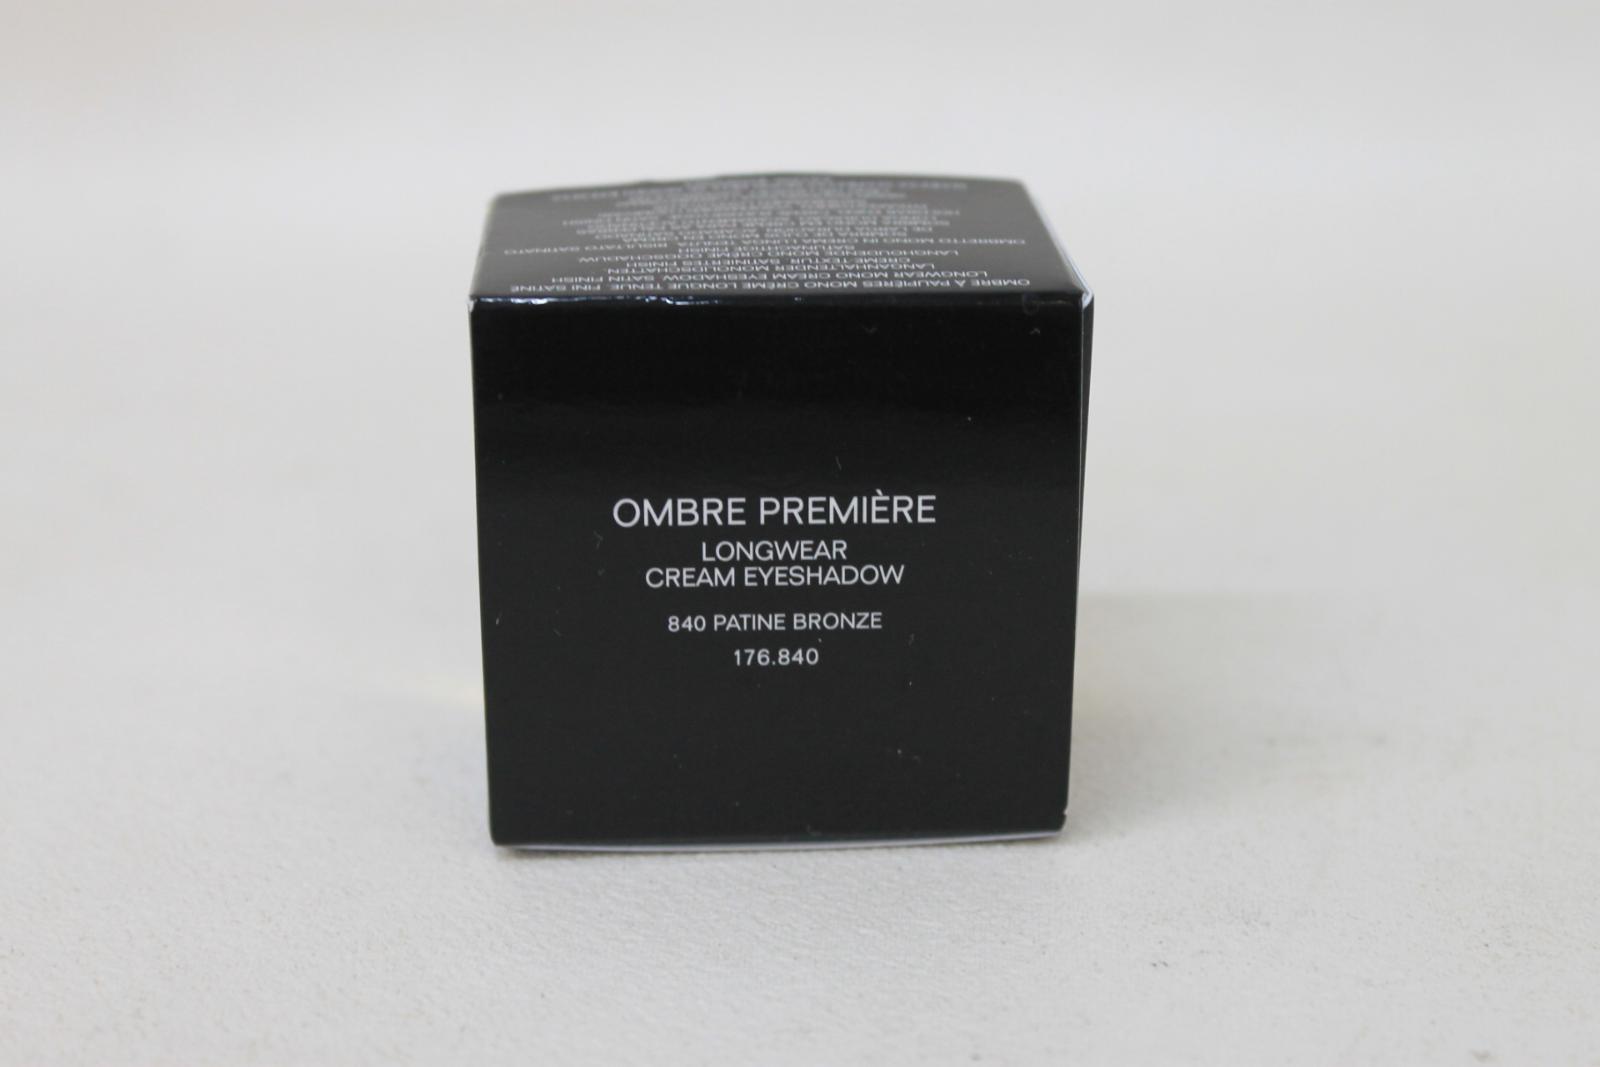 Nuevo-Y-En-Caja-Chanel-Damas-Ombre-Premiere-Longwear-Crema-Sombra-de-Ojos-840-Patine-Bronce miniatura 6